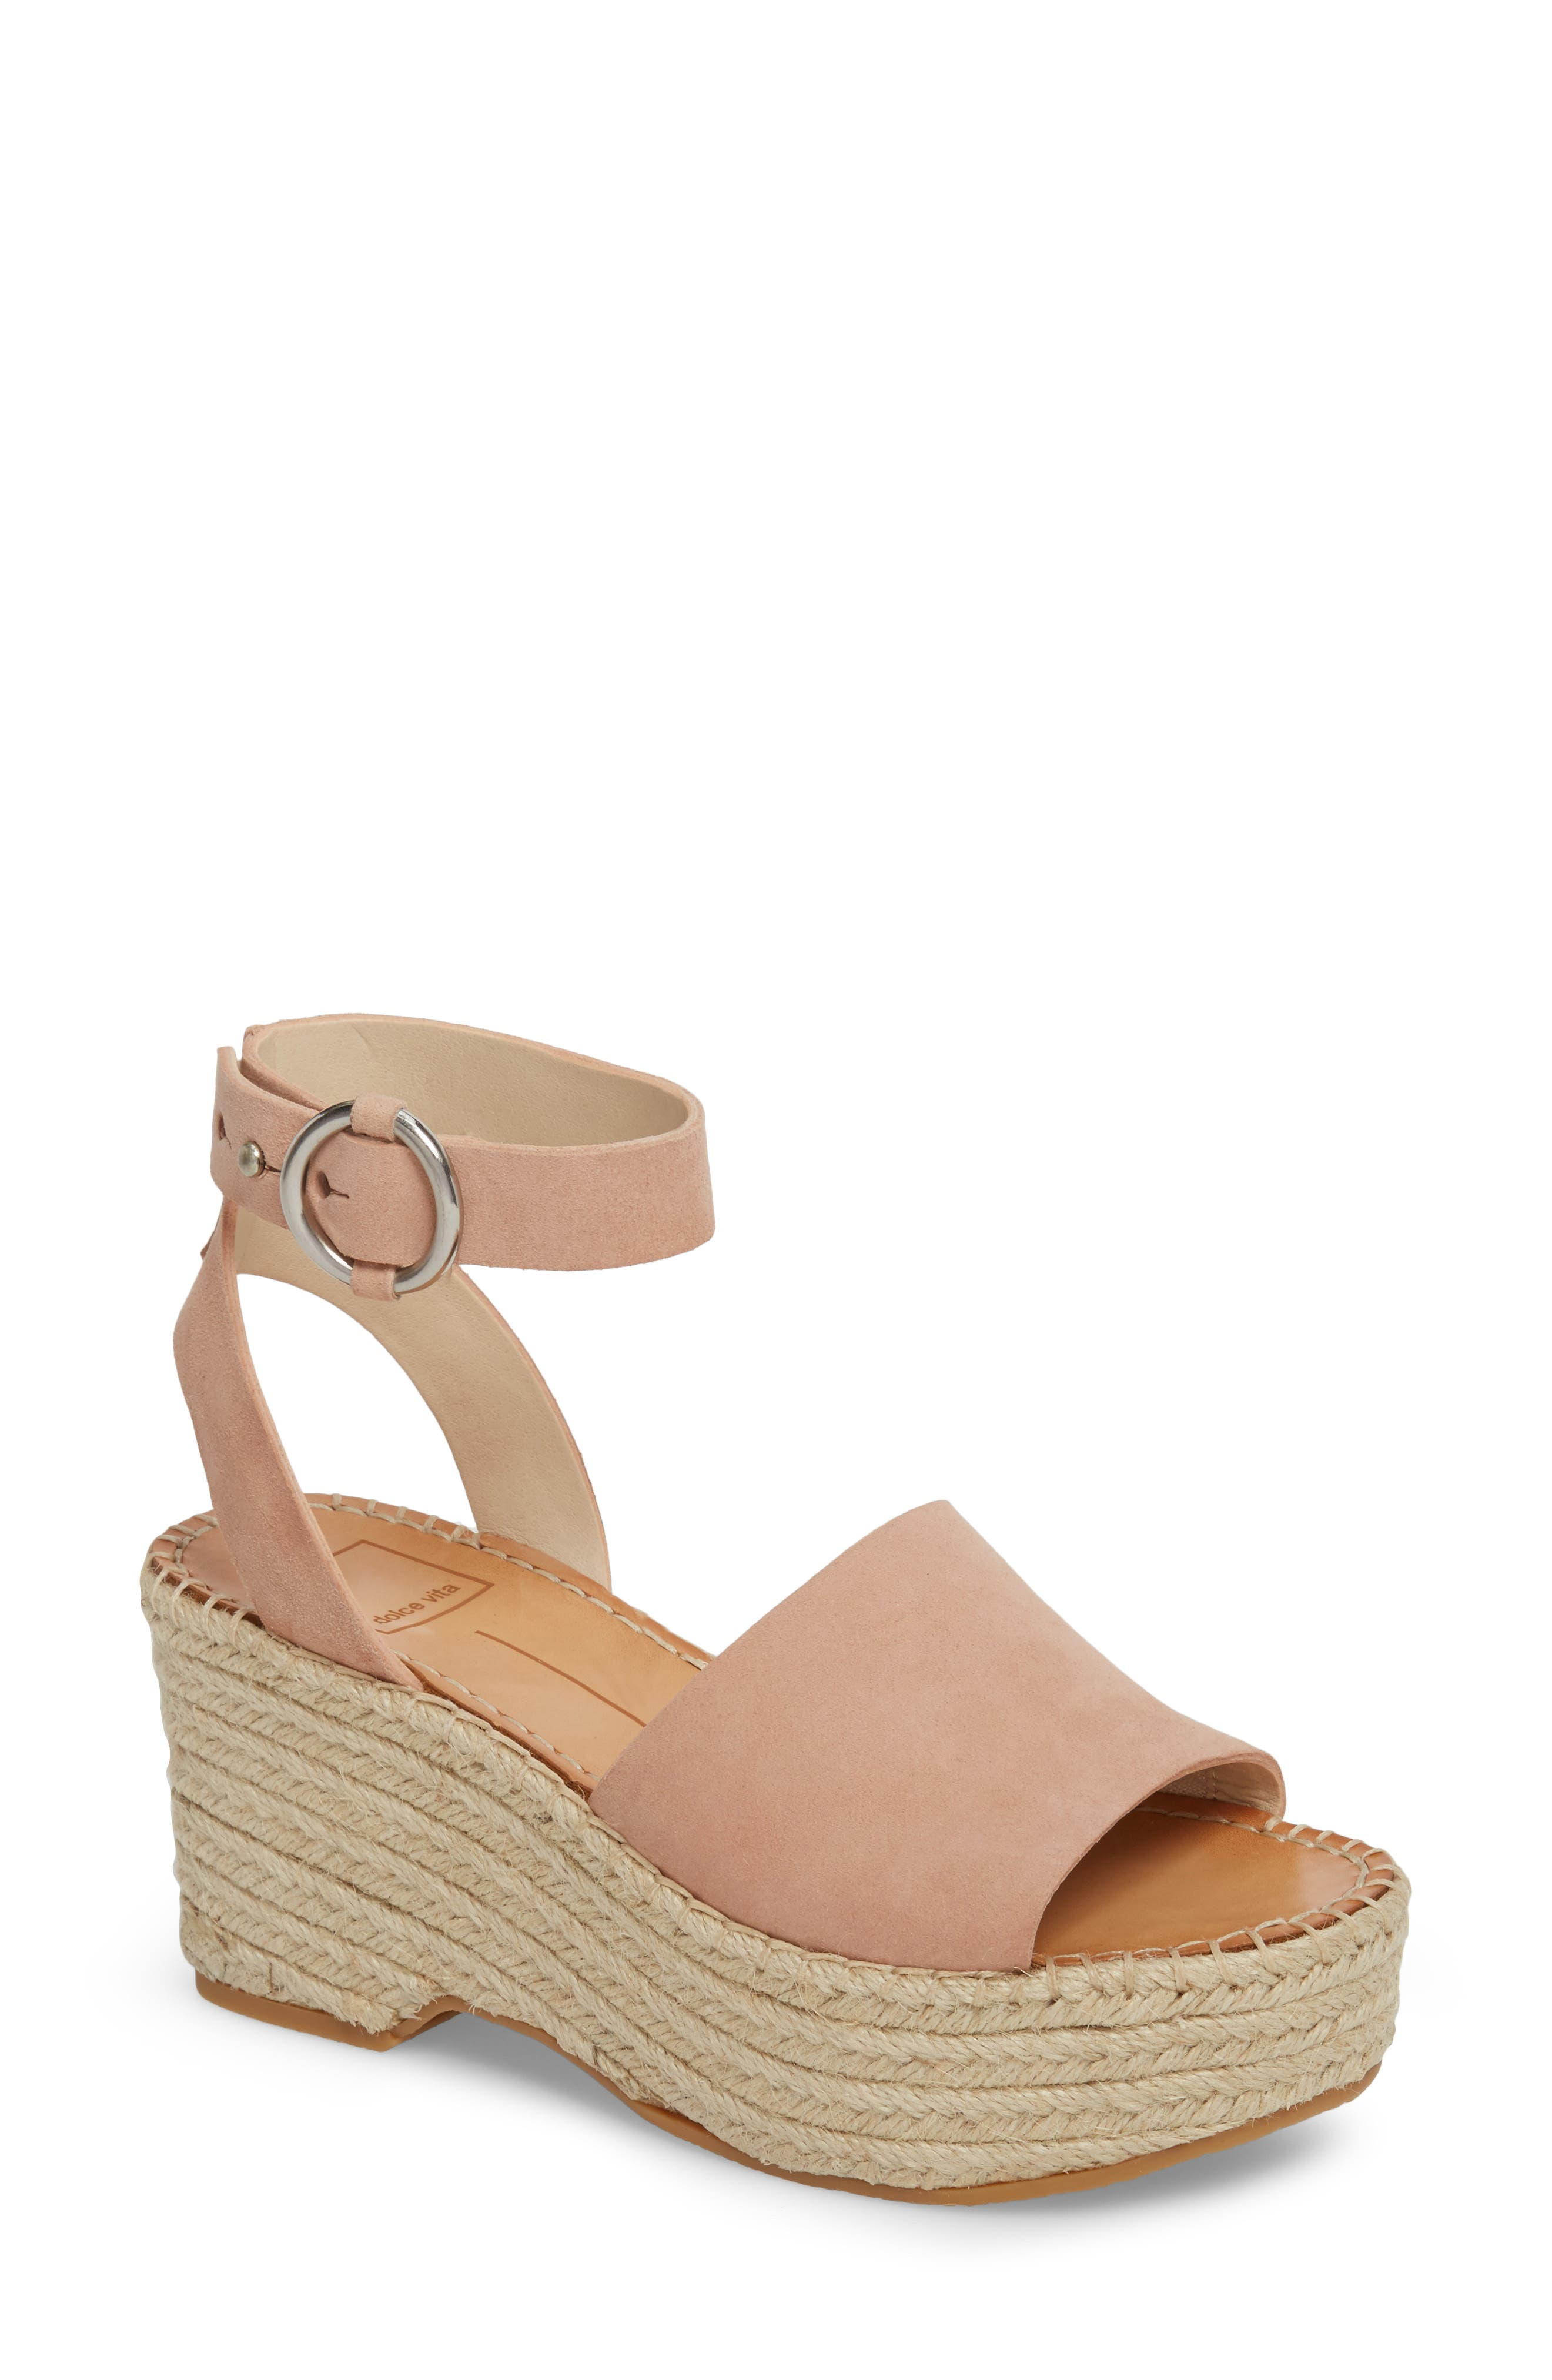 Dolce Vita Lesly Espadrille Platform Sandal- Pink